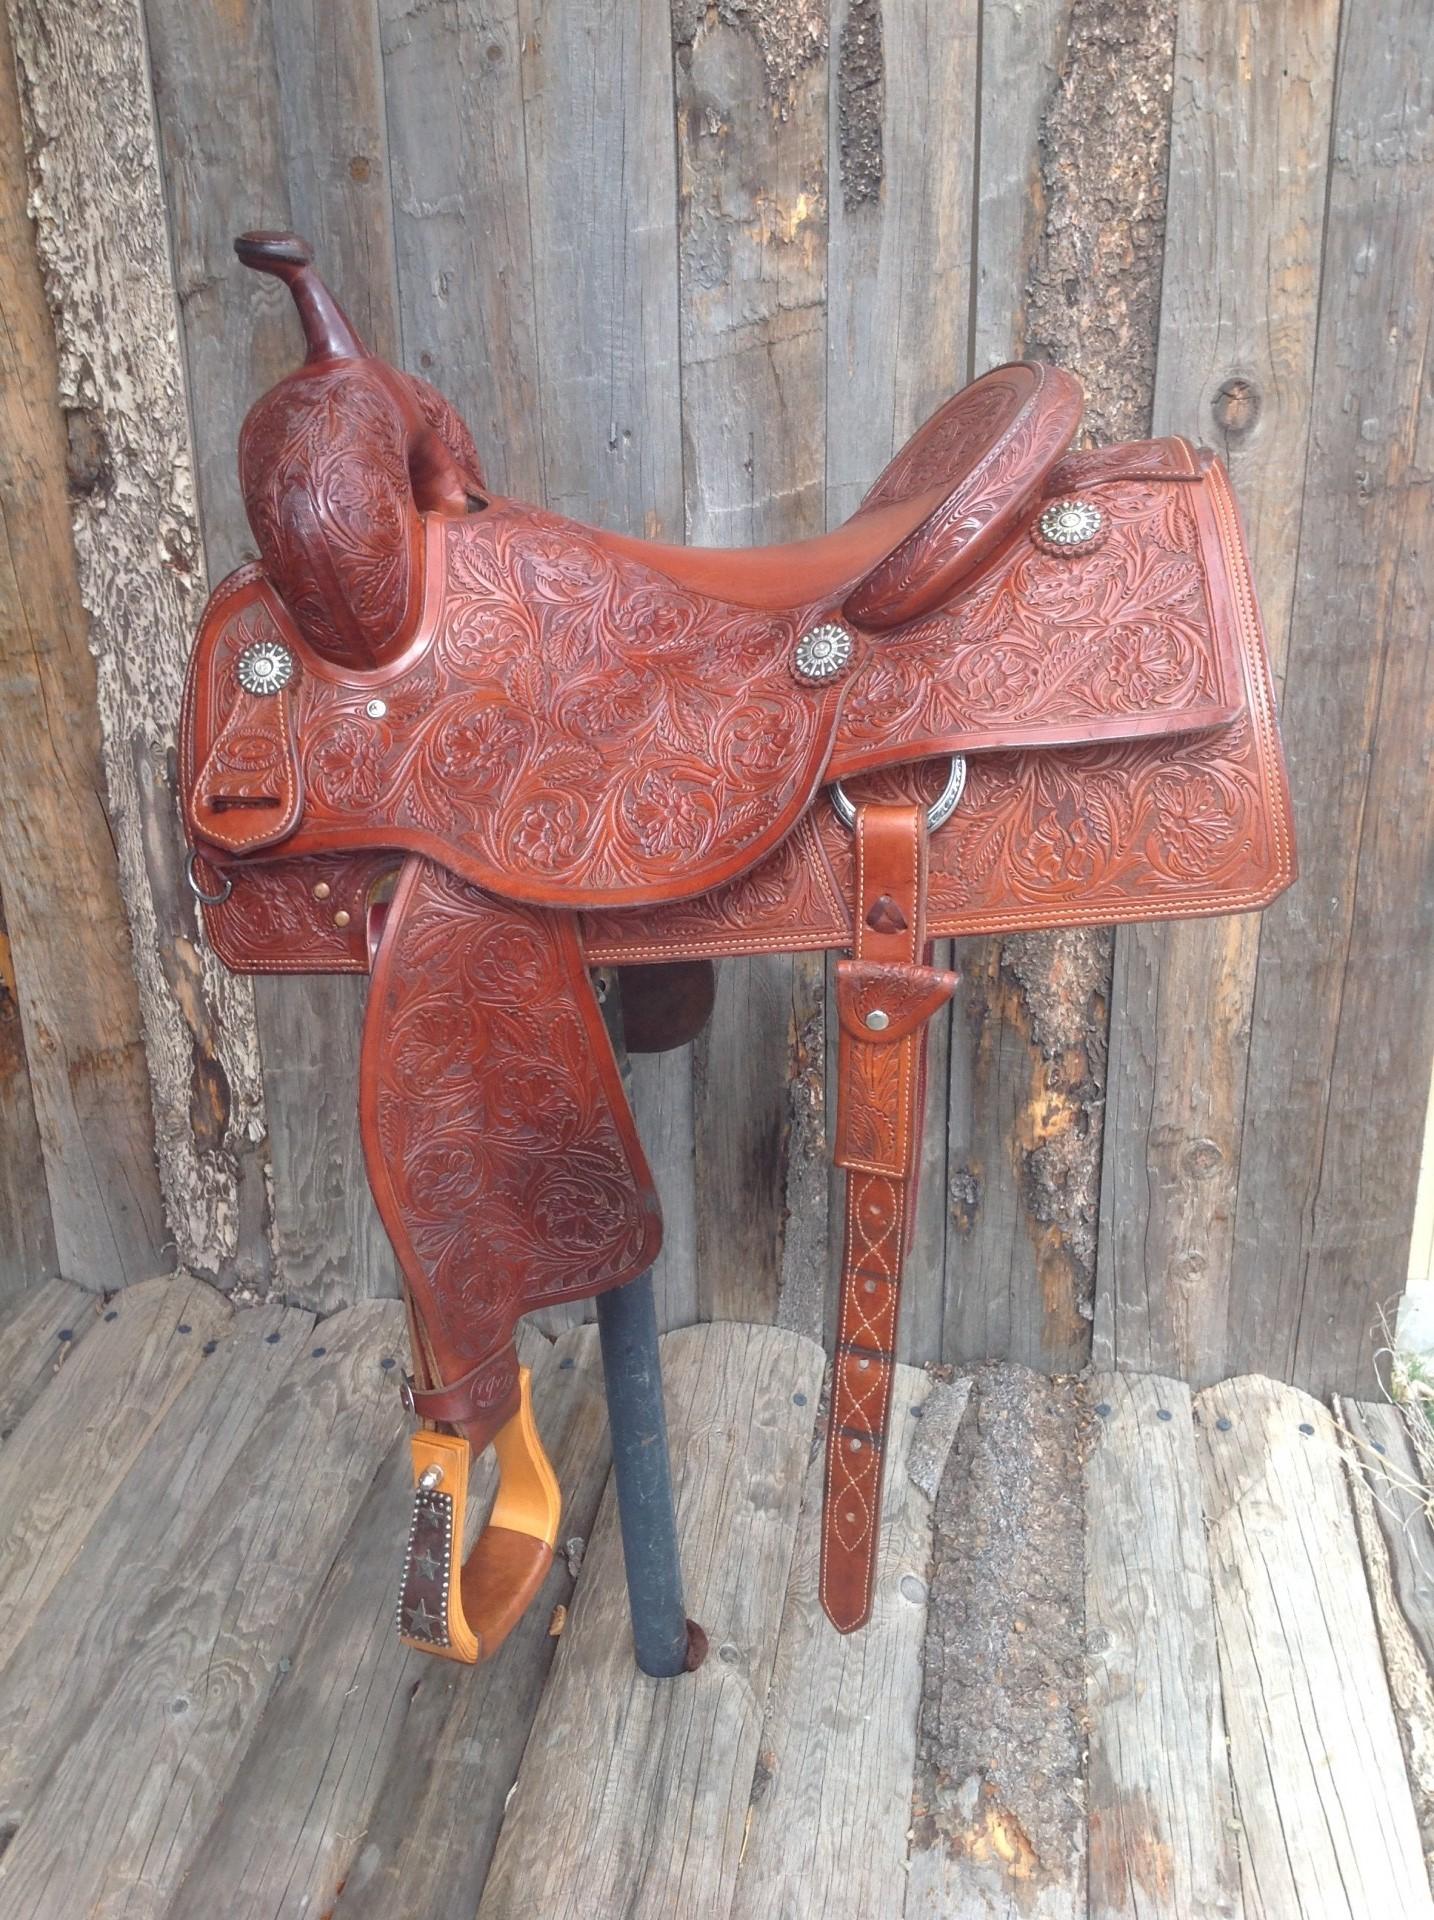 Jeys Custom Saddles Cow Horse Saddle